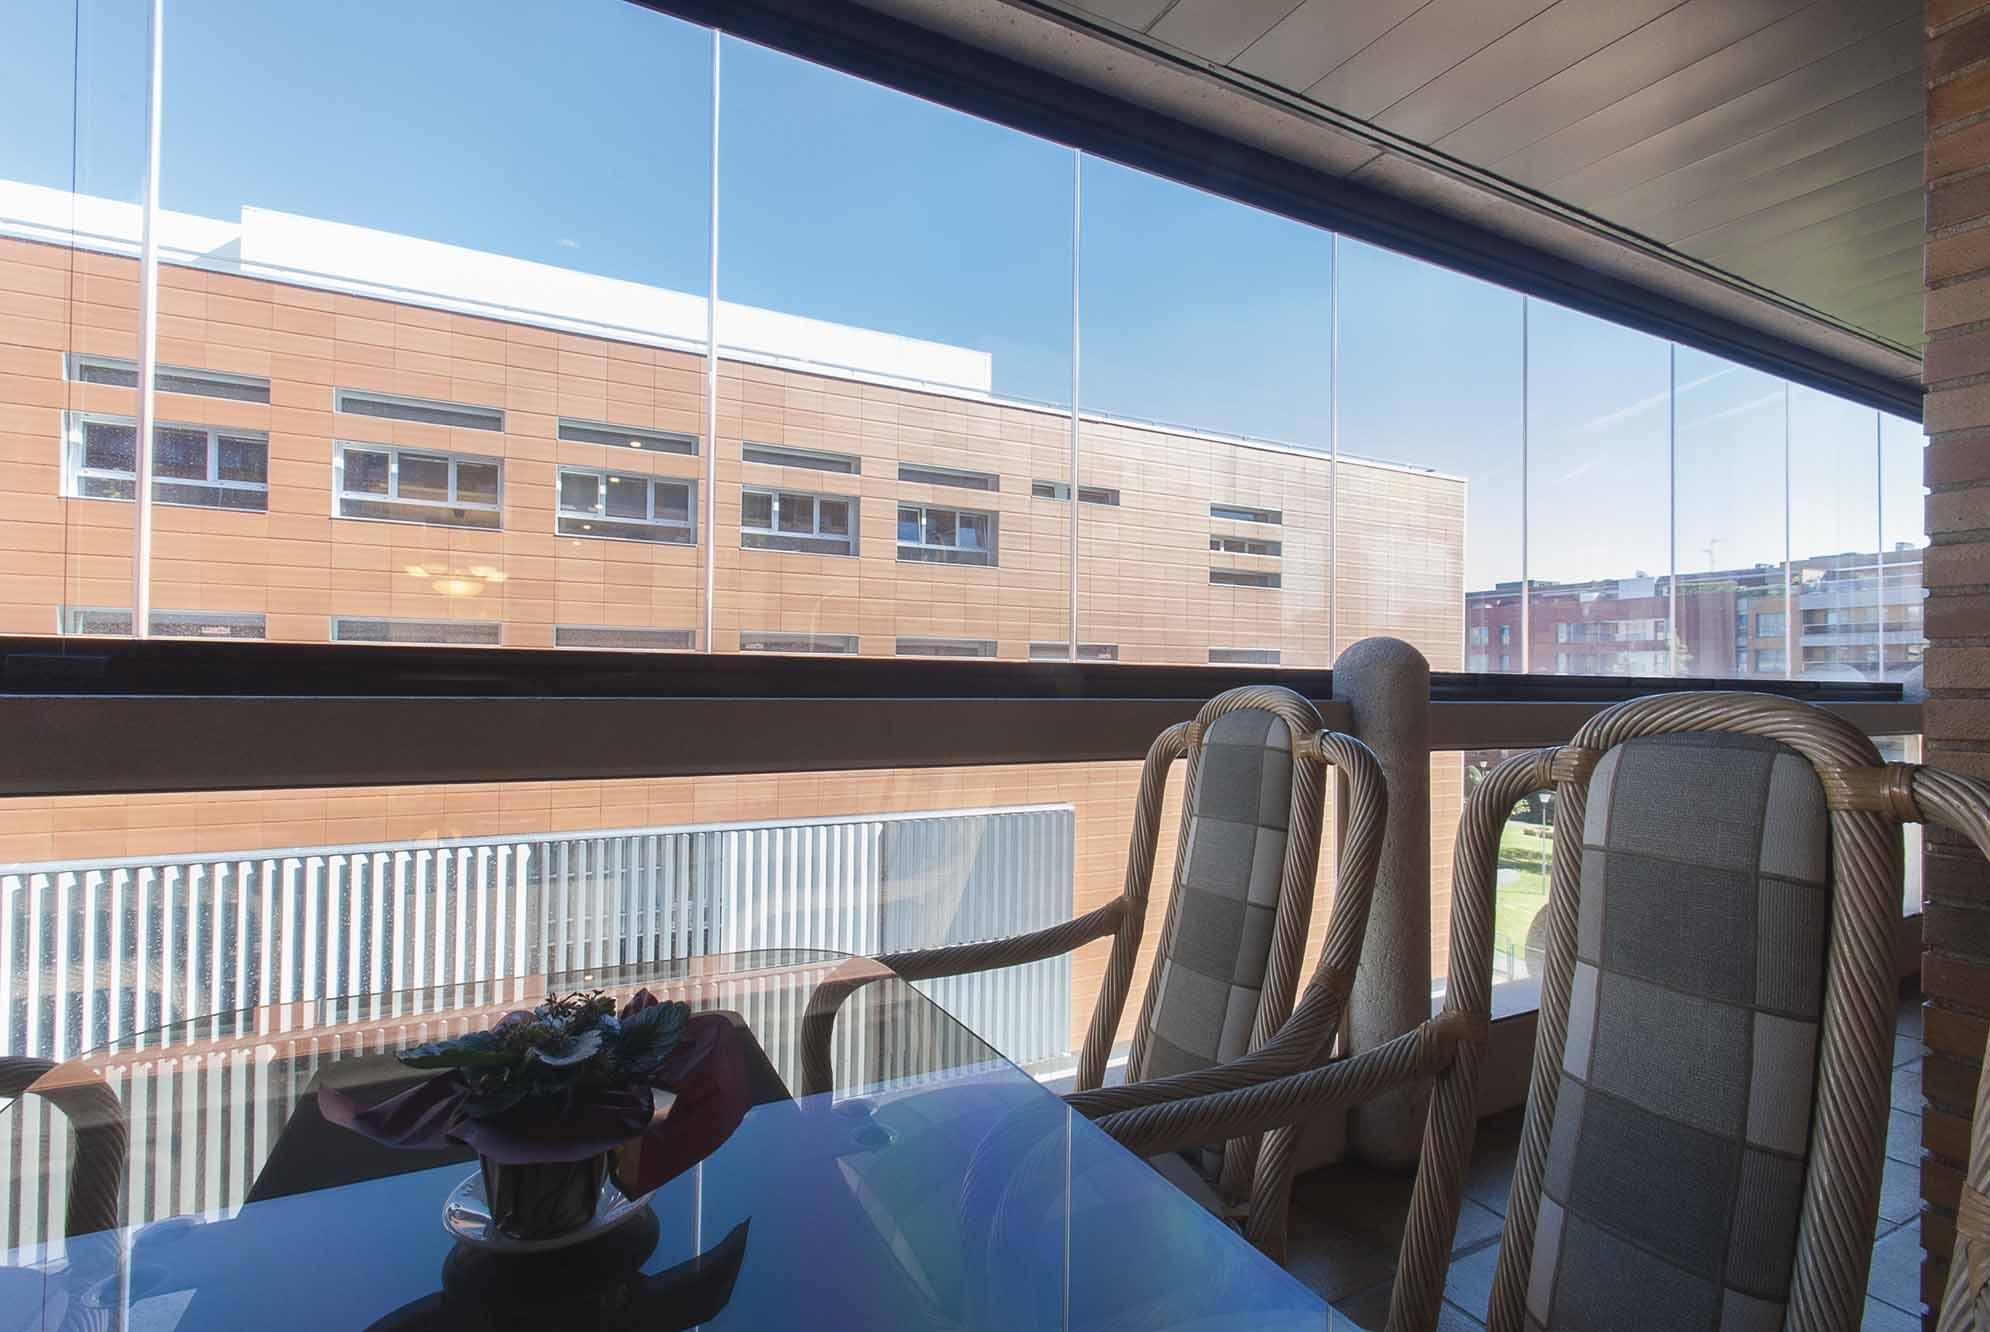 terraza-balcon-cerramiento-cortinas-cristal-lumon-1